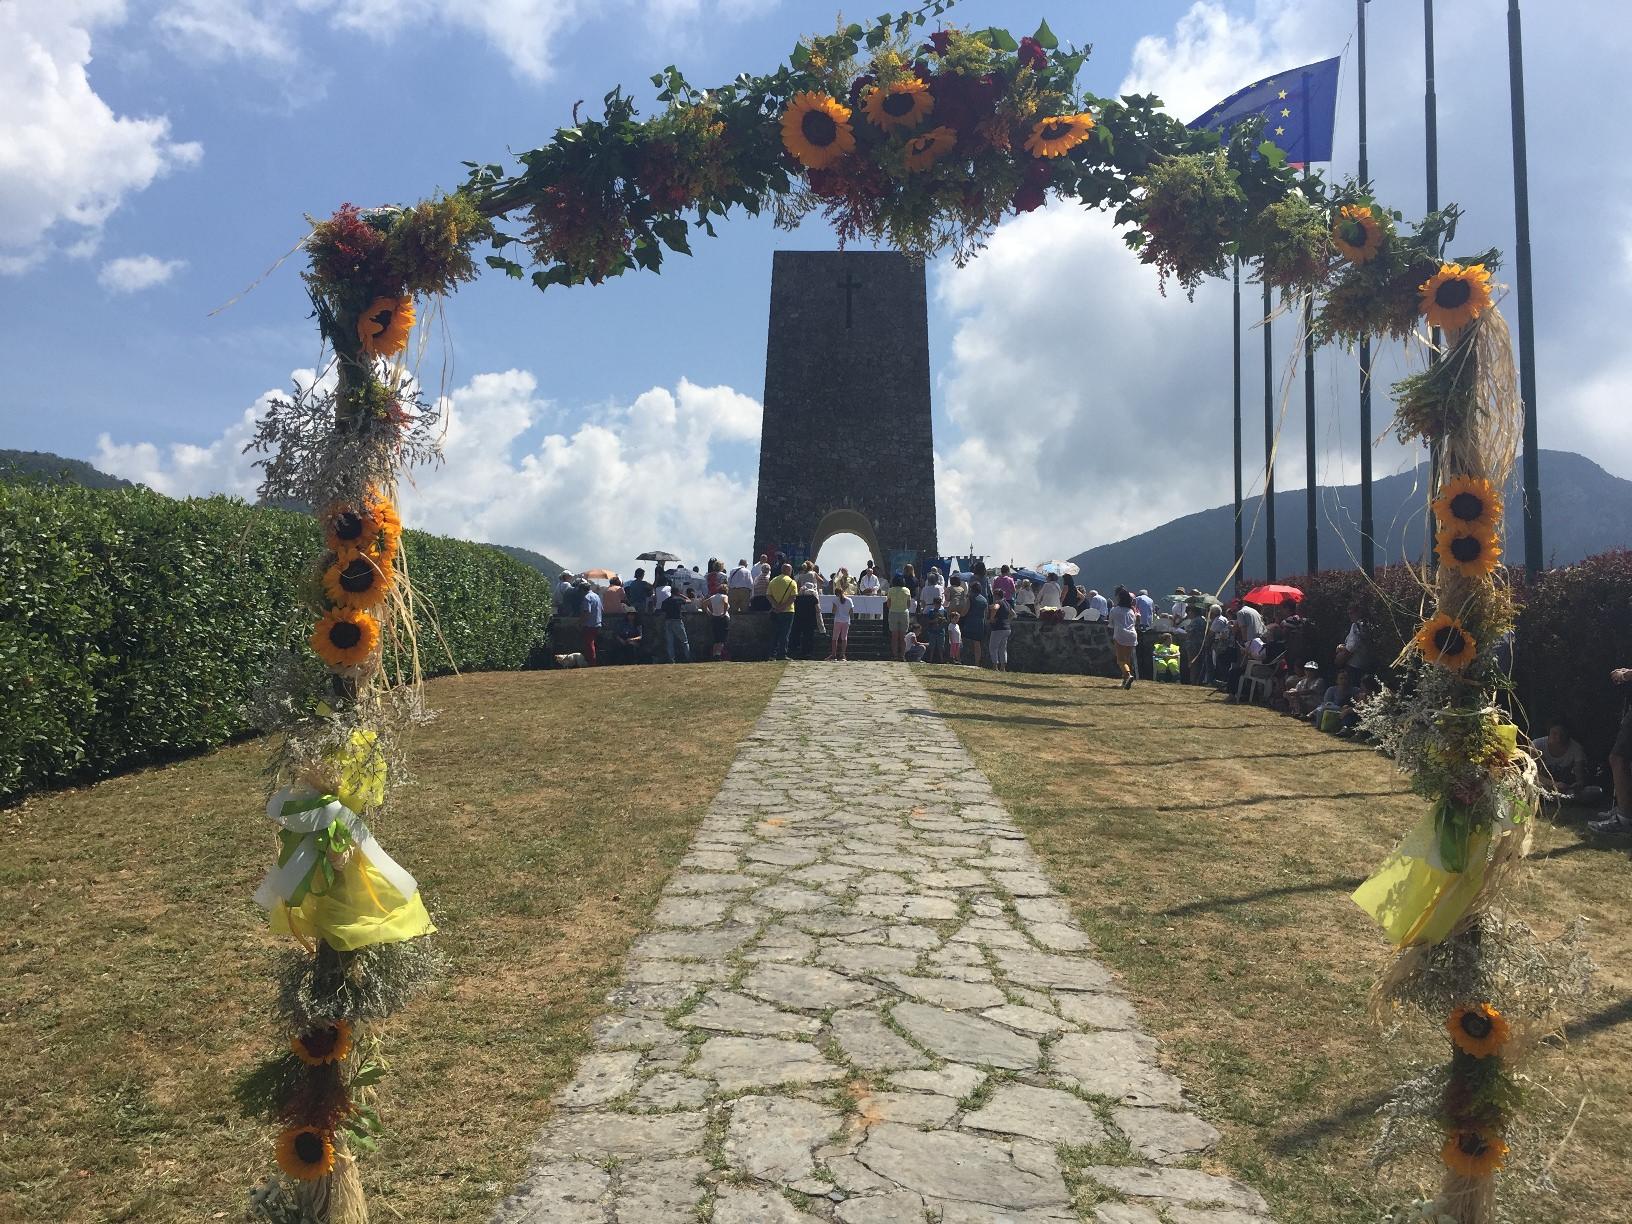 Miglioramento della strada d'accesso per il Parco Nazionale della Pace di Sant'Anna